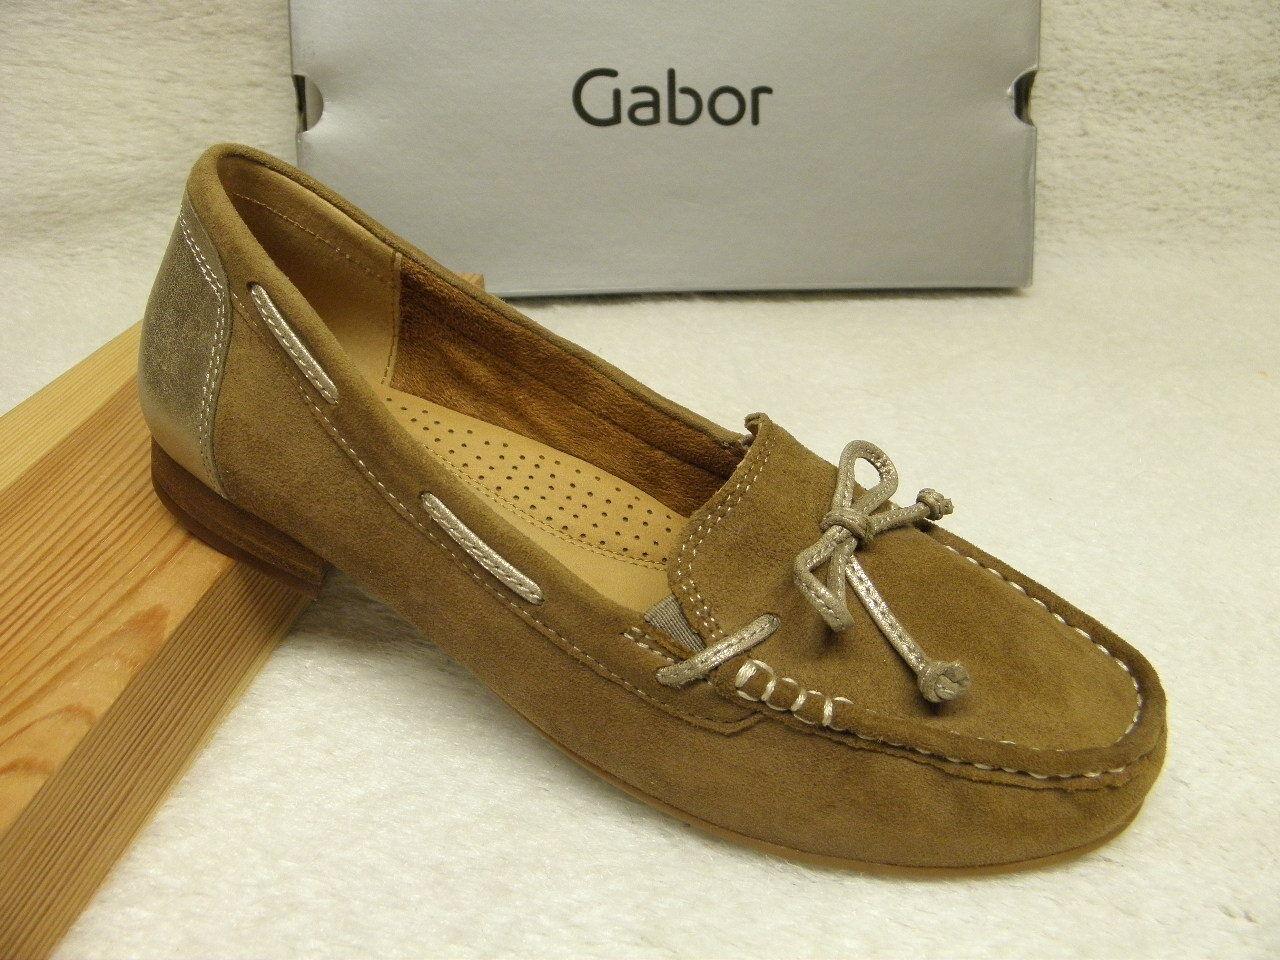 marche online vendita a basso costo Gabor ® ® ® sale, finora , Slipper, College, super comode (d814)  bellissimo